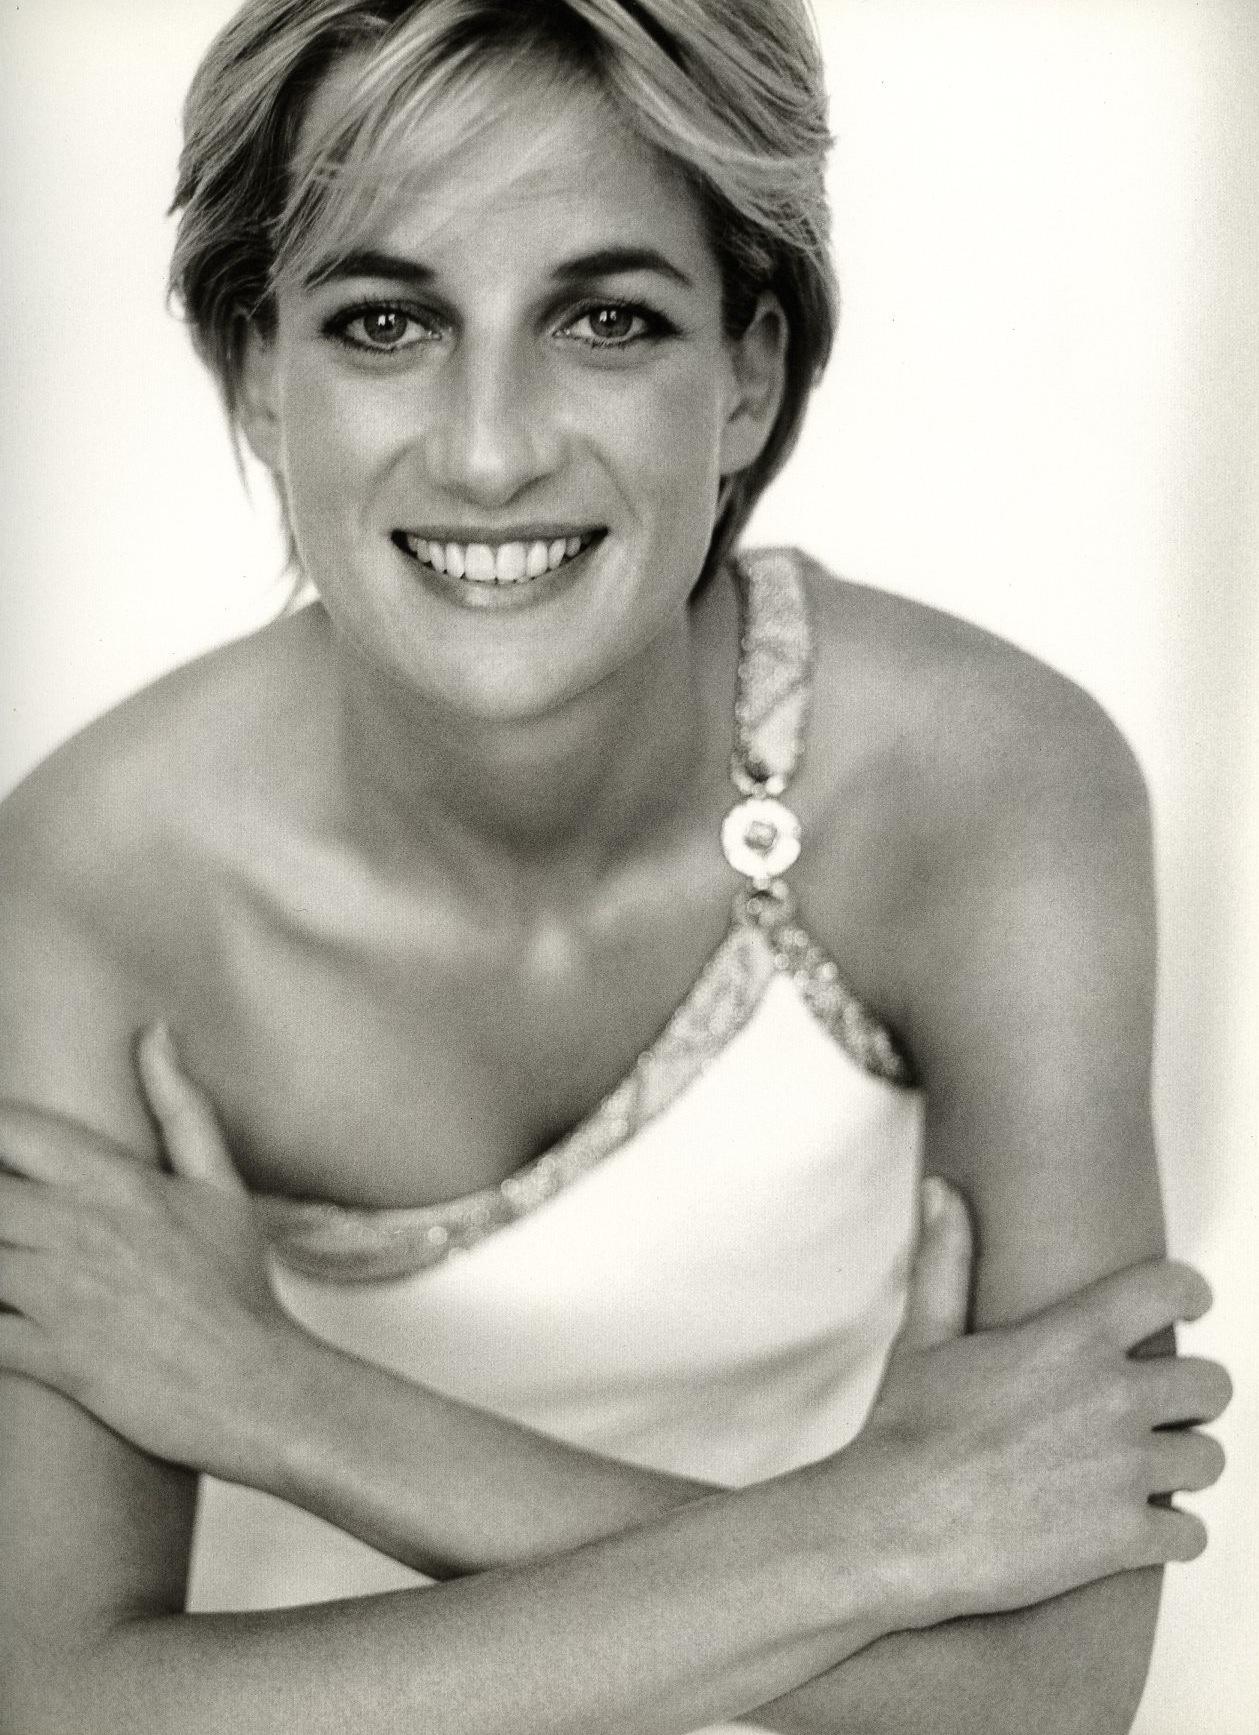 Princess Diana News Blog: Life Story, Forever Beloved Princess